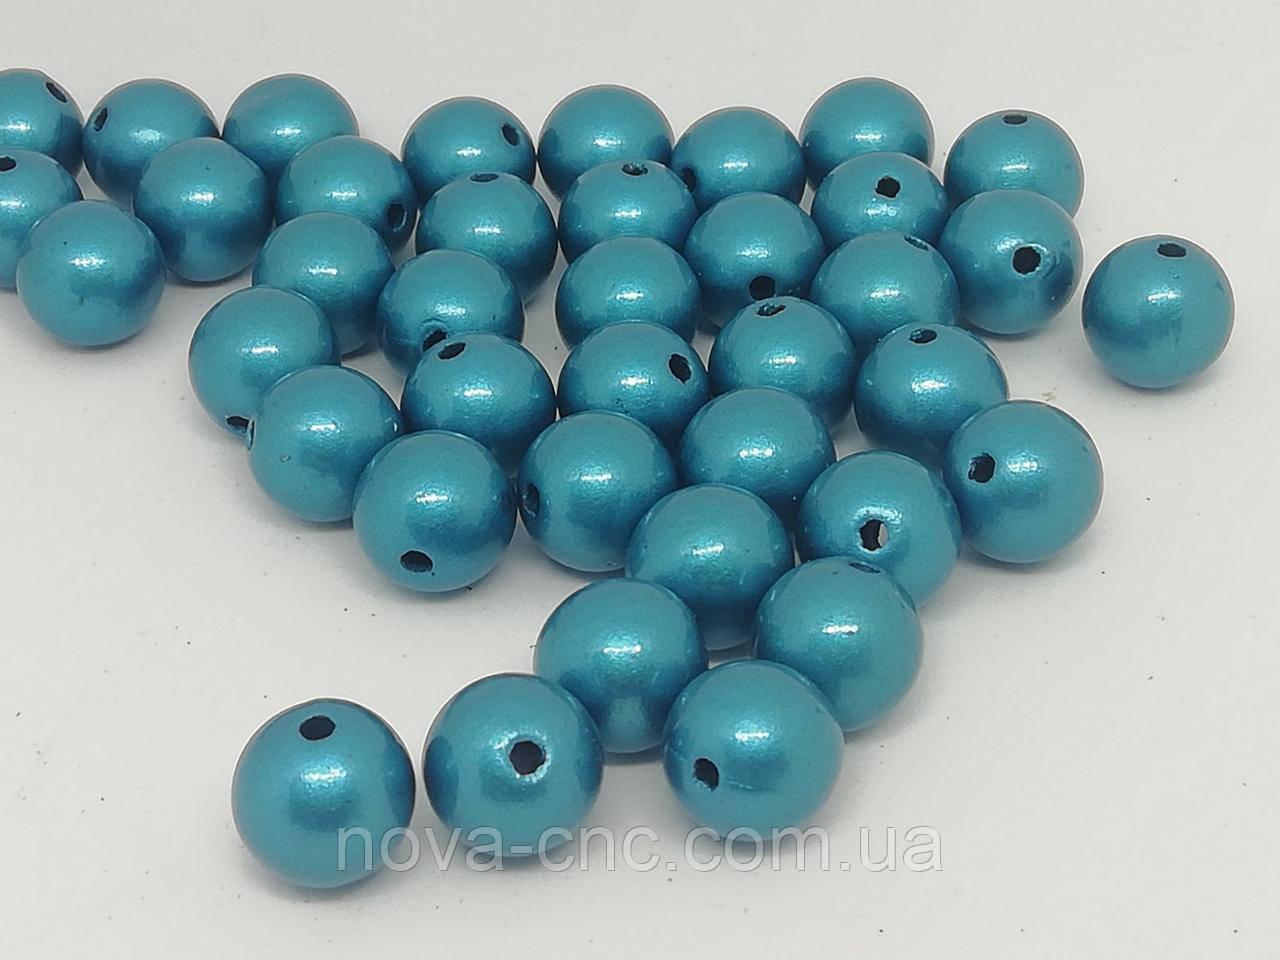 """Намистини пластик """"Куля гладкий"""" темно-блакитний 7 мм 500 грам"""